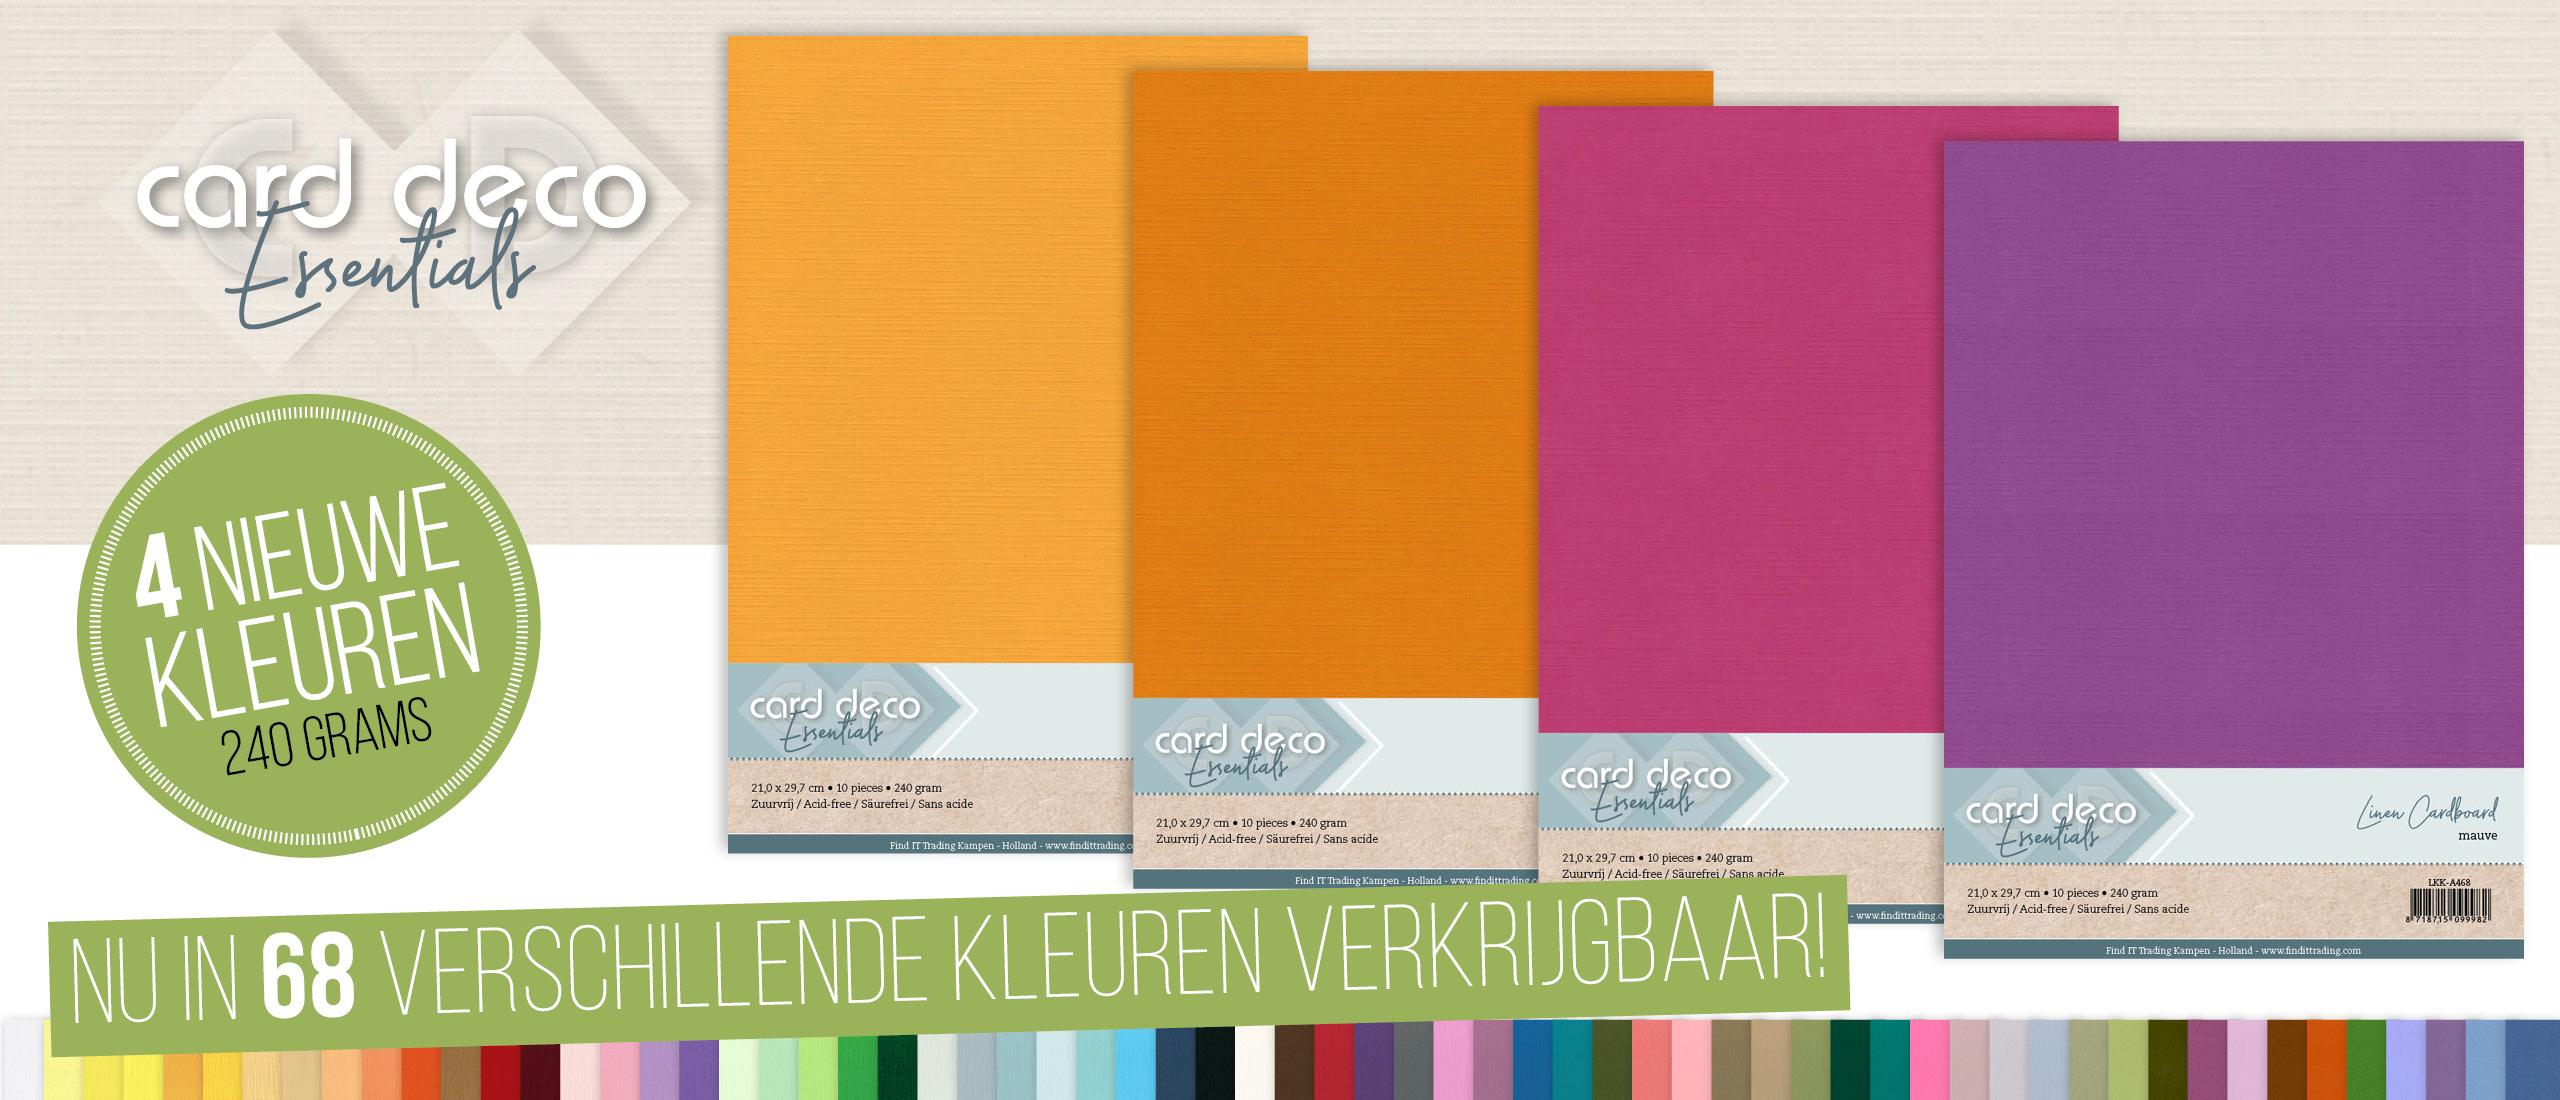 Nieuwe kleuren Linen Cardstock: Apricot, Tangerine, Magenta en Mauve.